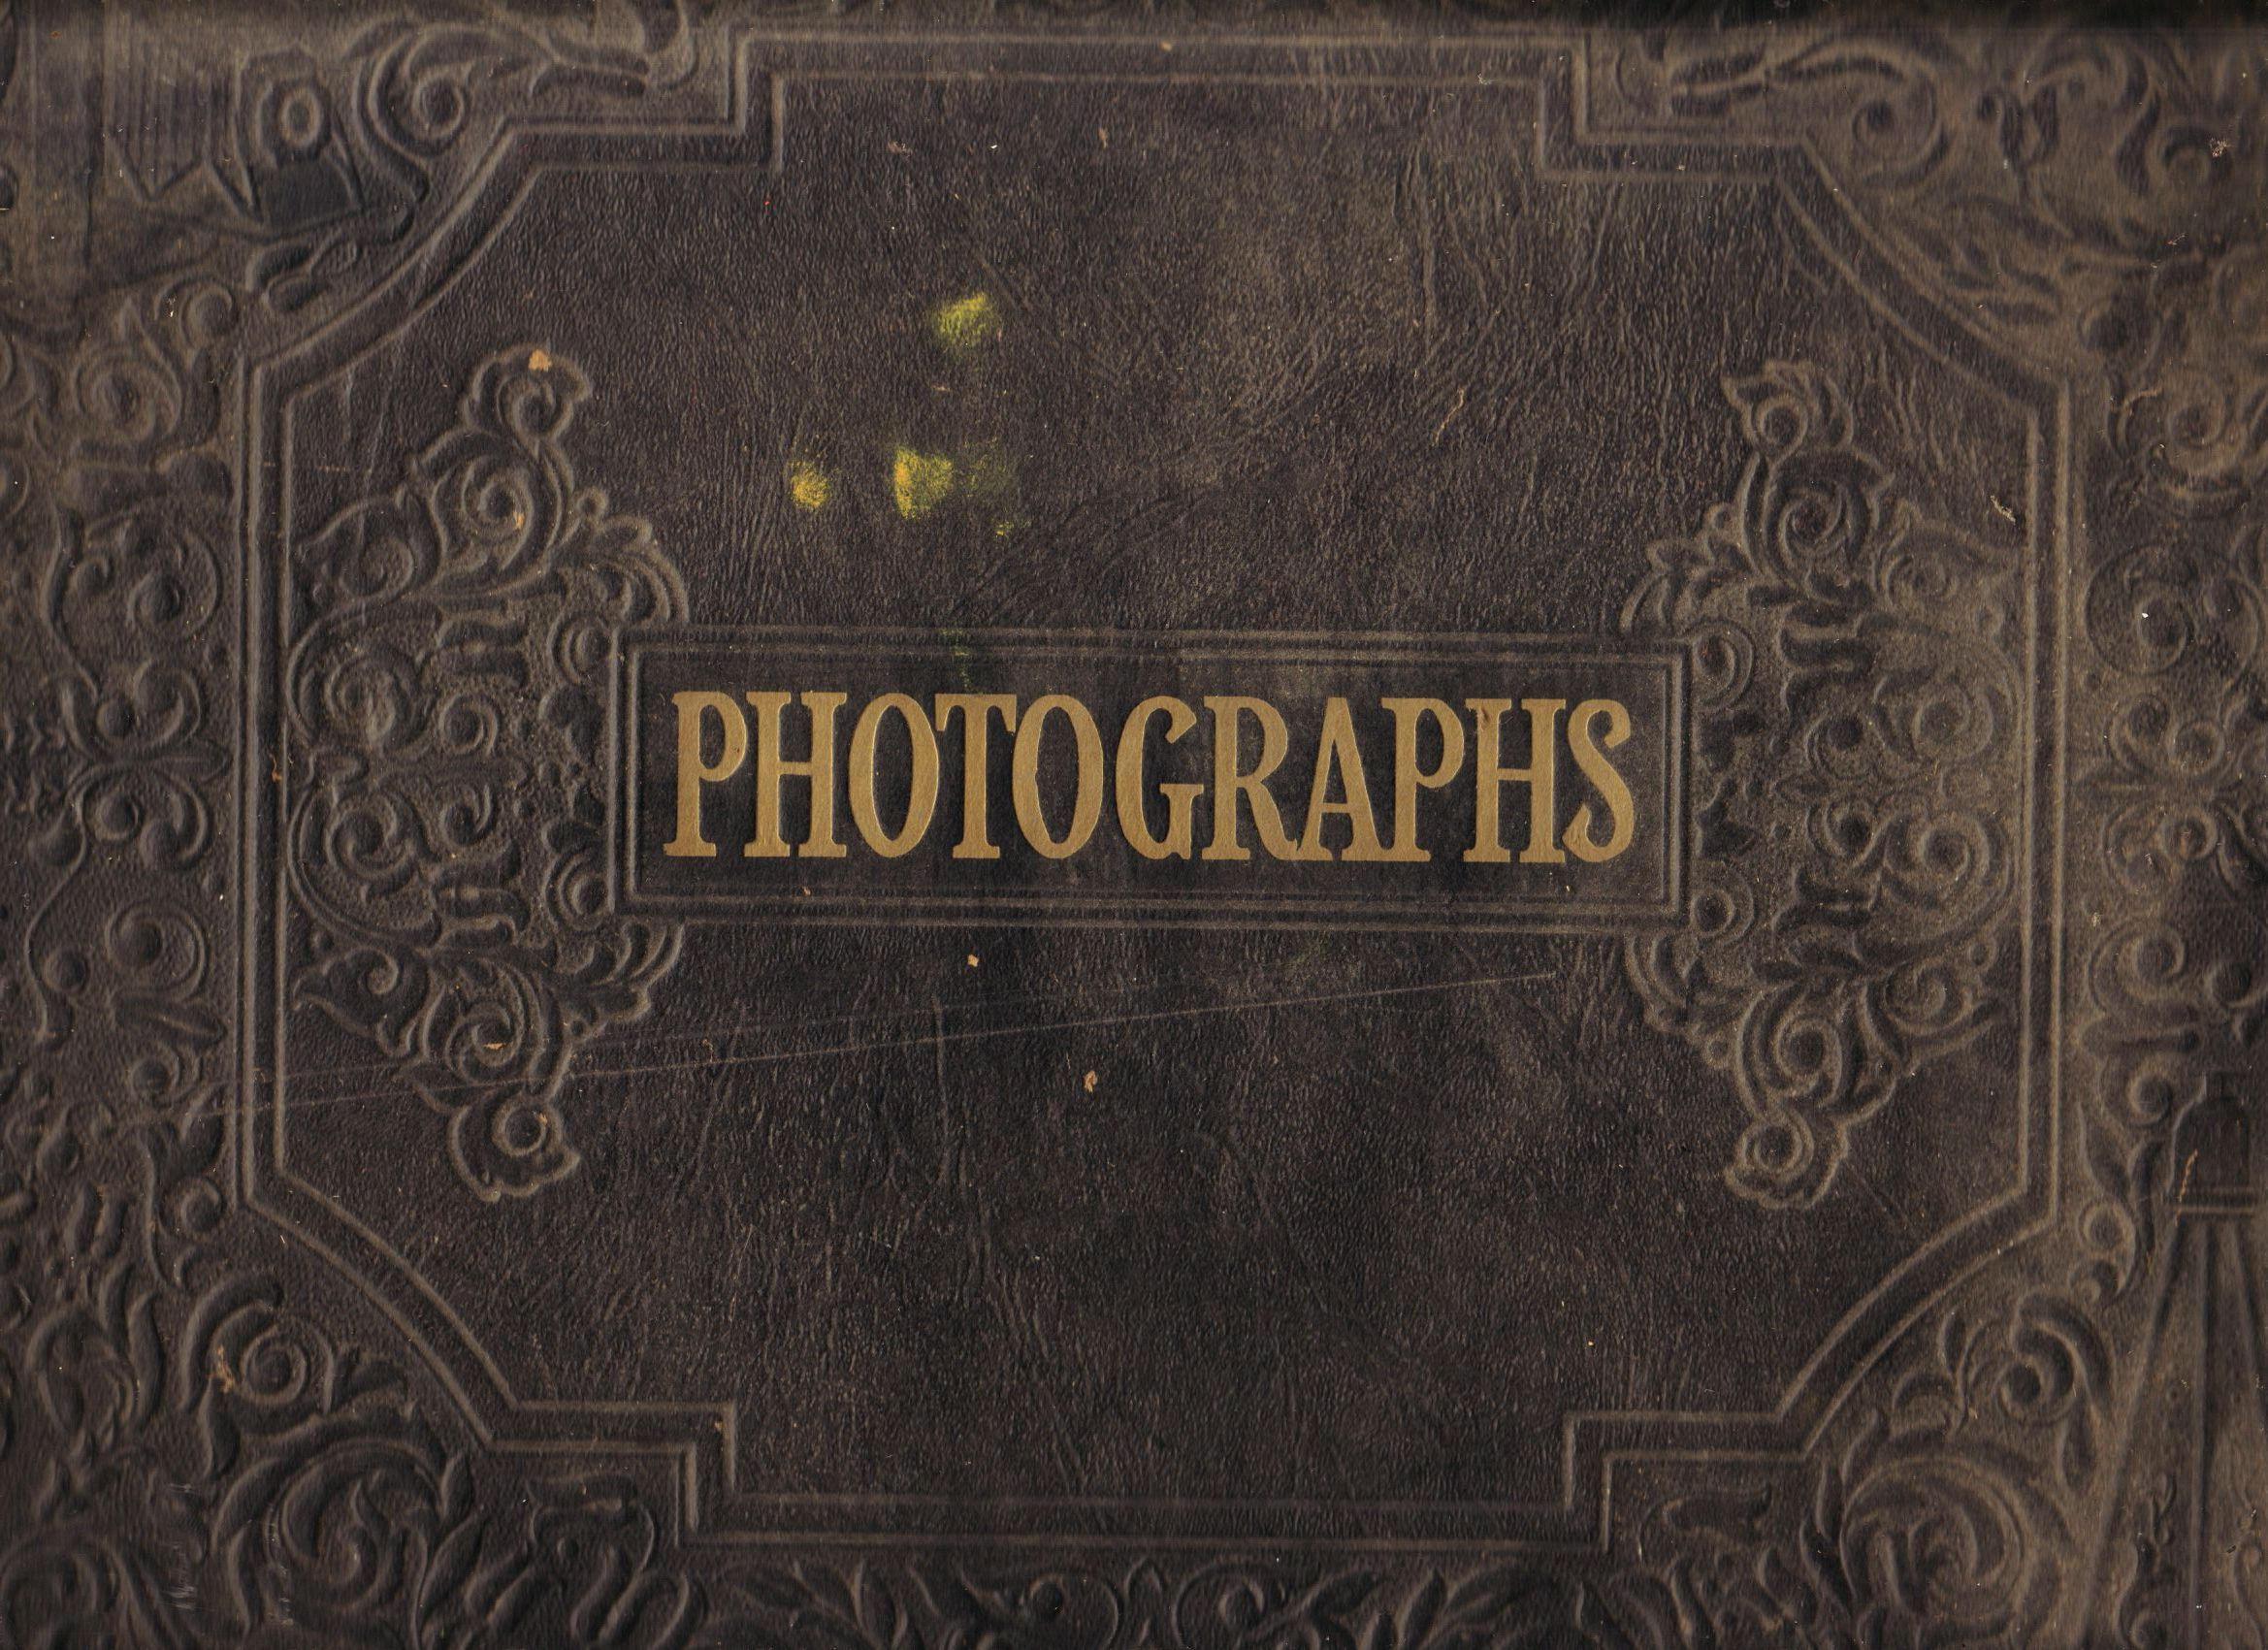 stock photo album cover - photo #22